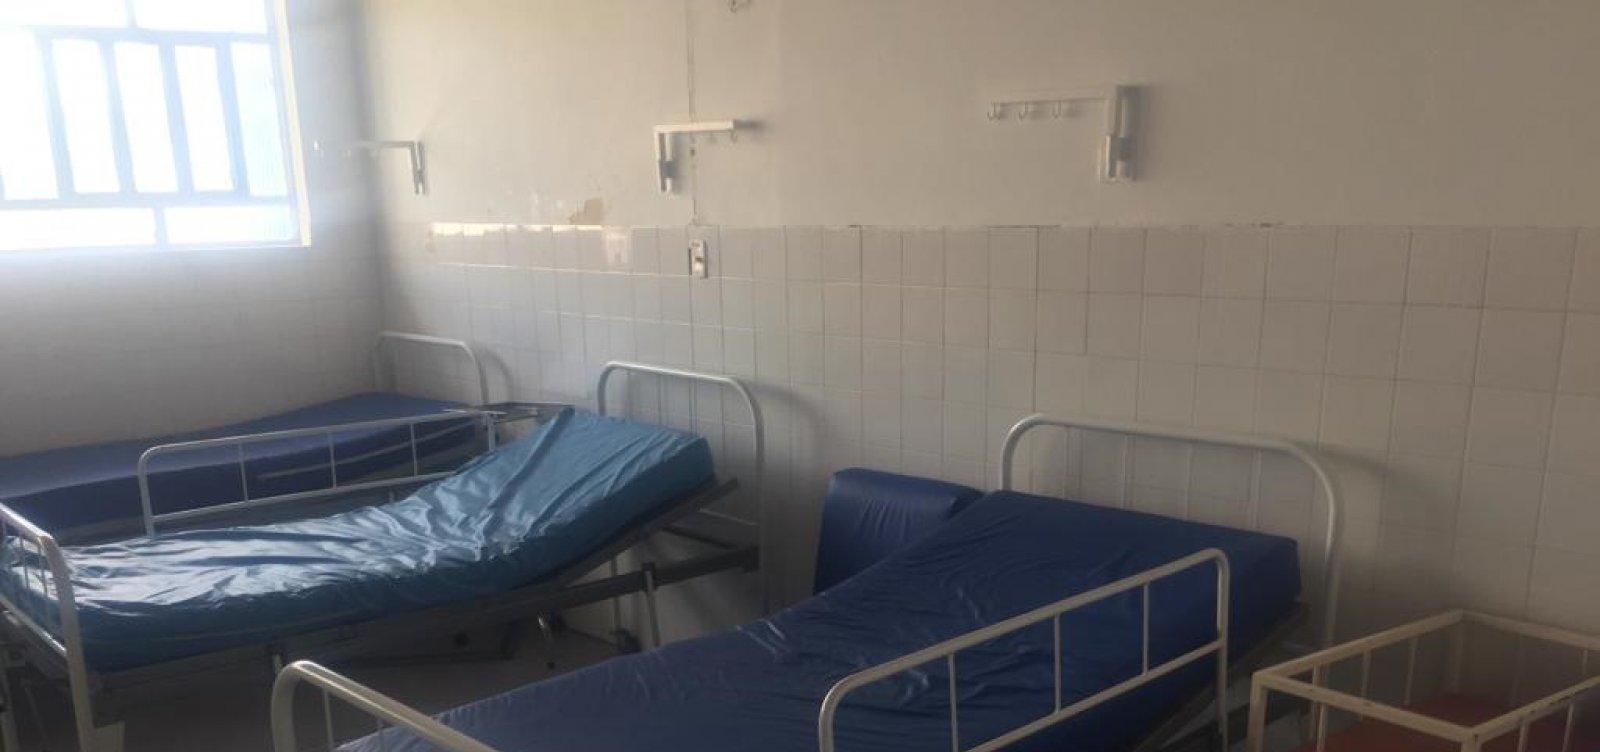 [Diversas irregularidades são identificadas em hospital de Araci]